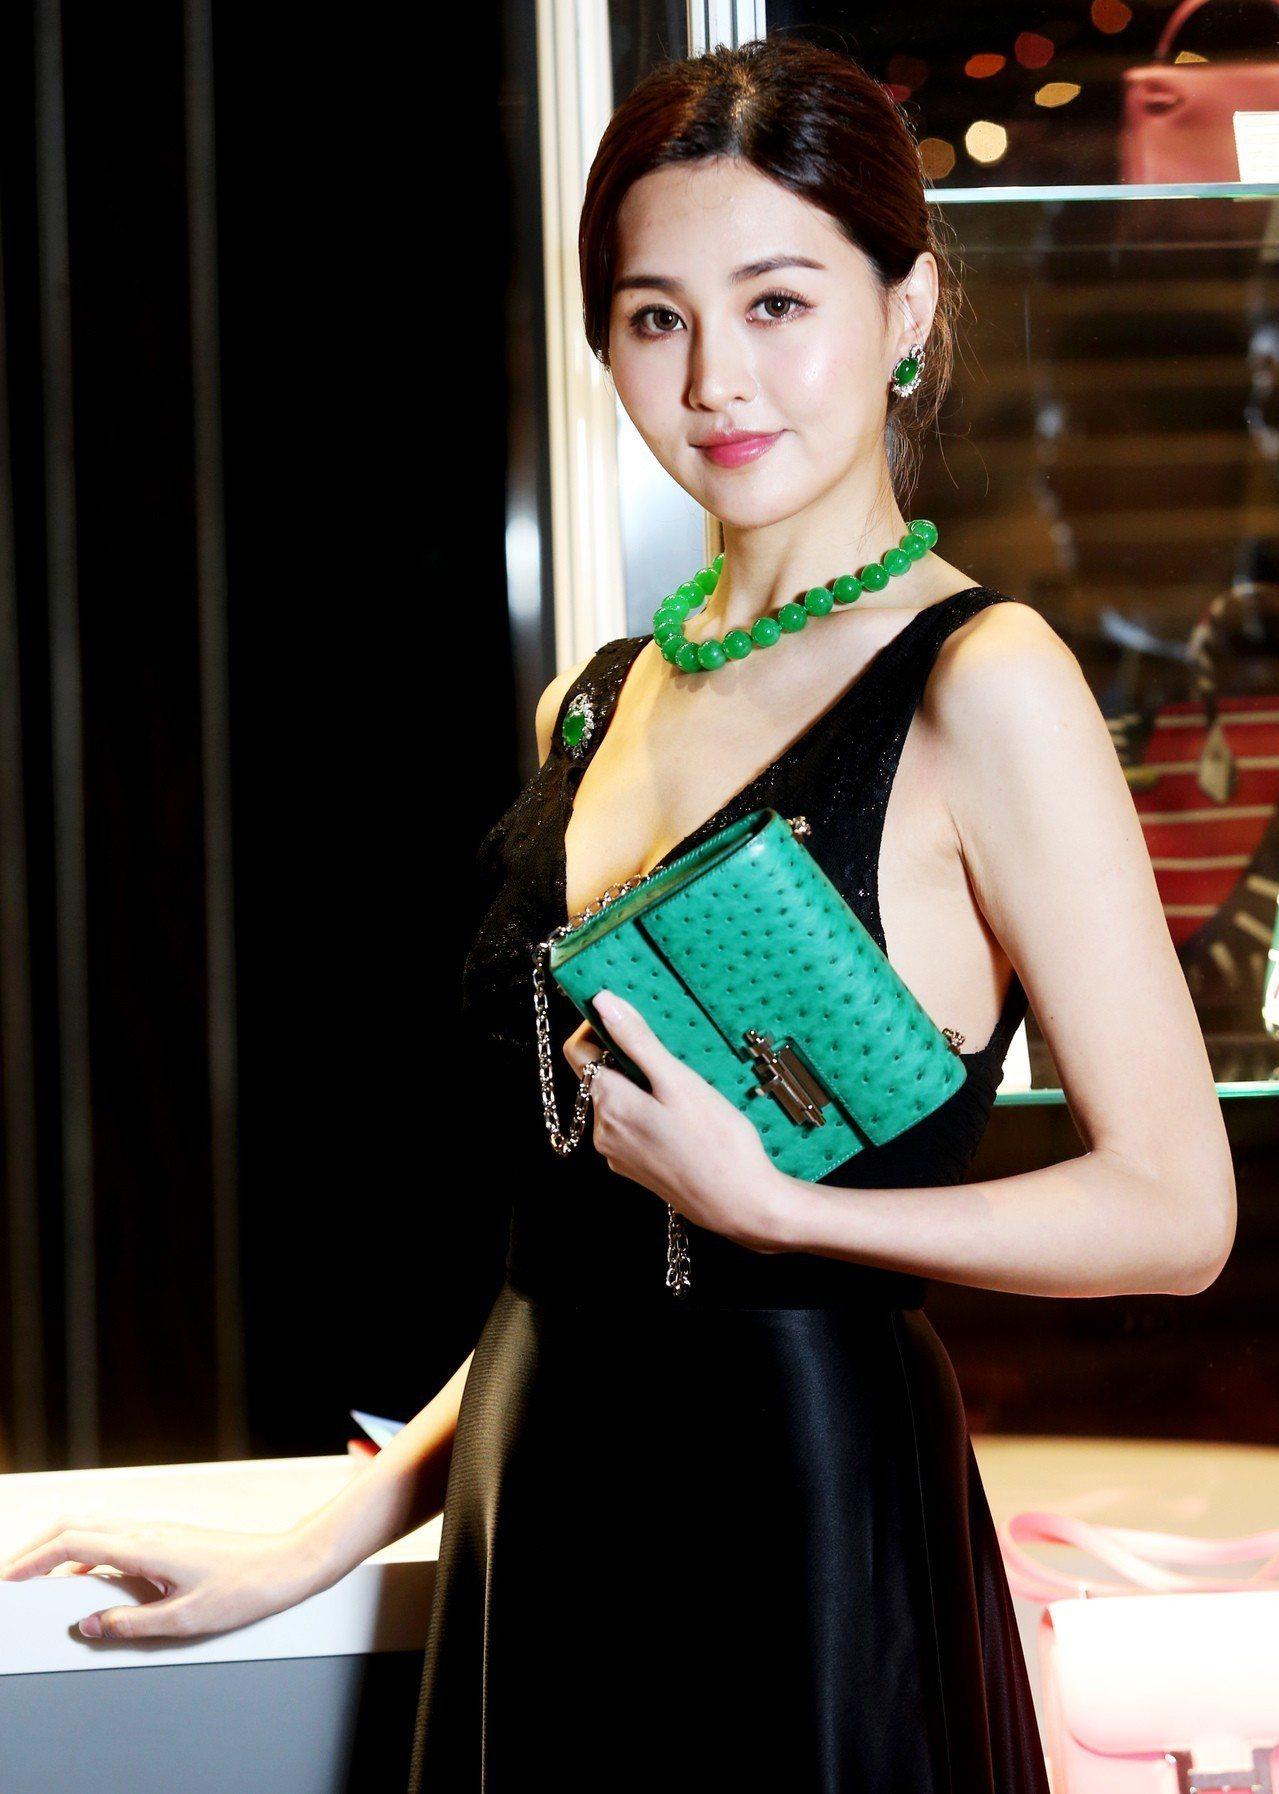 名模林葦茹配戴天然翡翠珠項鍊,估價3,128萬元;天然翡翠蛋面胸針及耳環套裝,估...